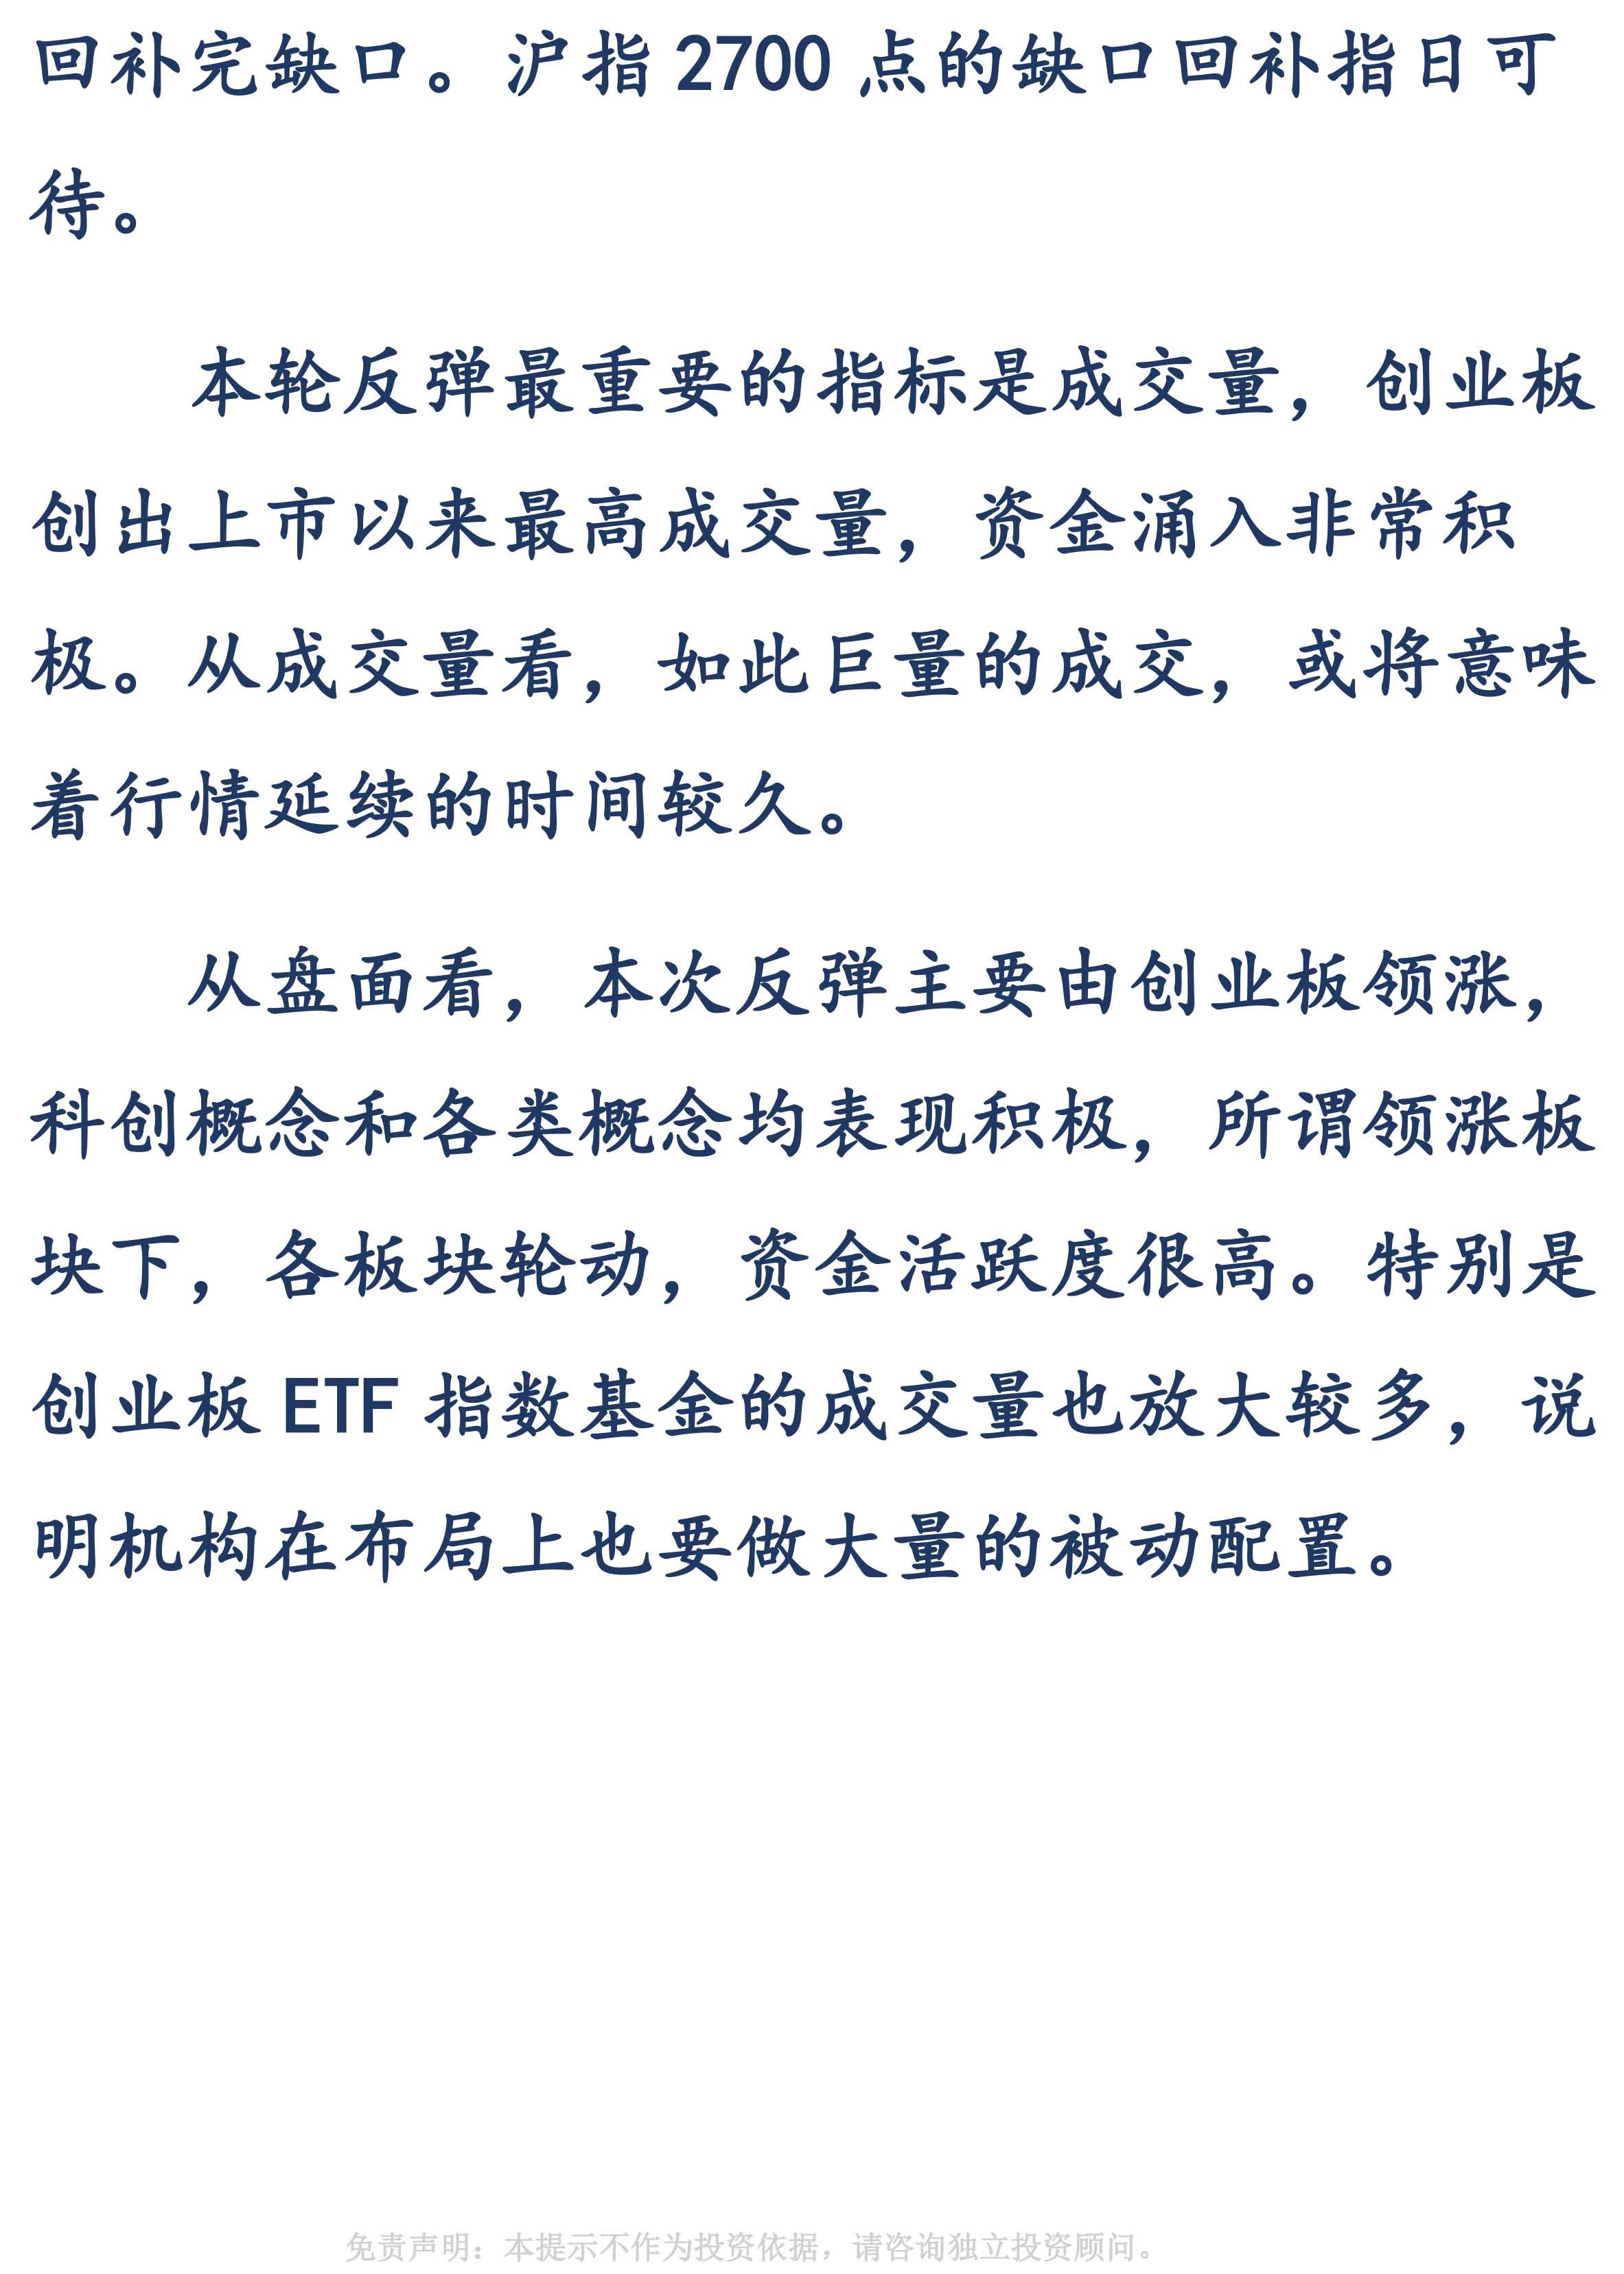 易胜博金策略1113-股指(李冰)-2.jpg